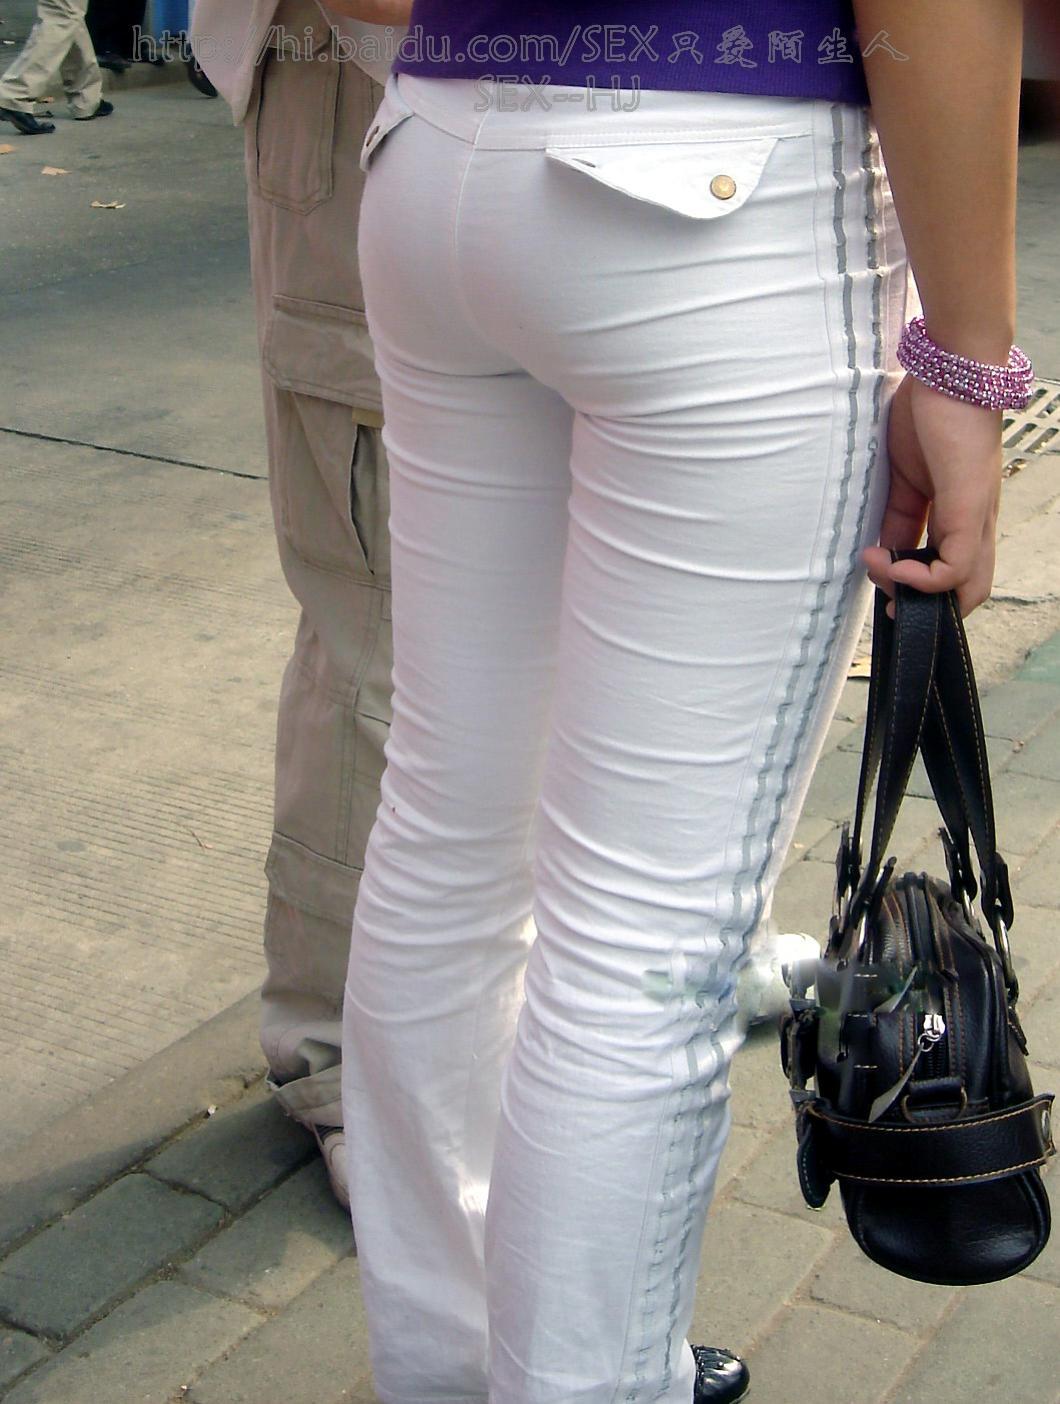 【转载】12/12:等公汽的白色紧身裤MM--11P - yt6265676 - 休闲吧